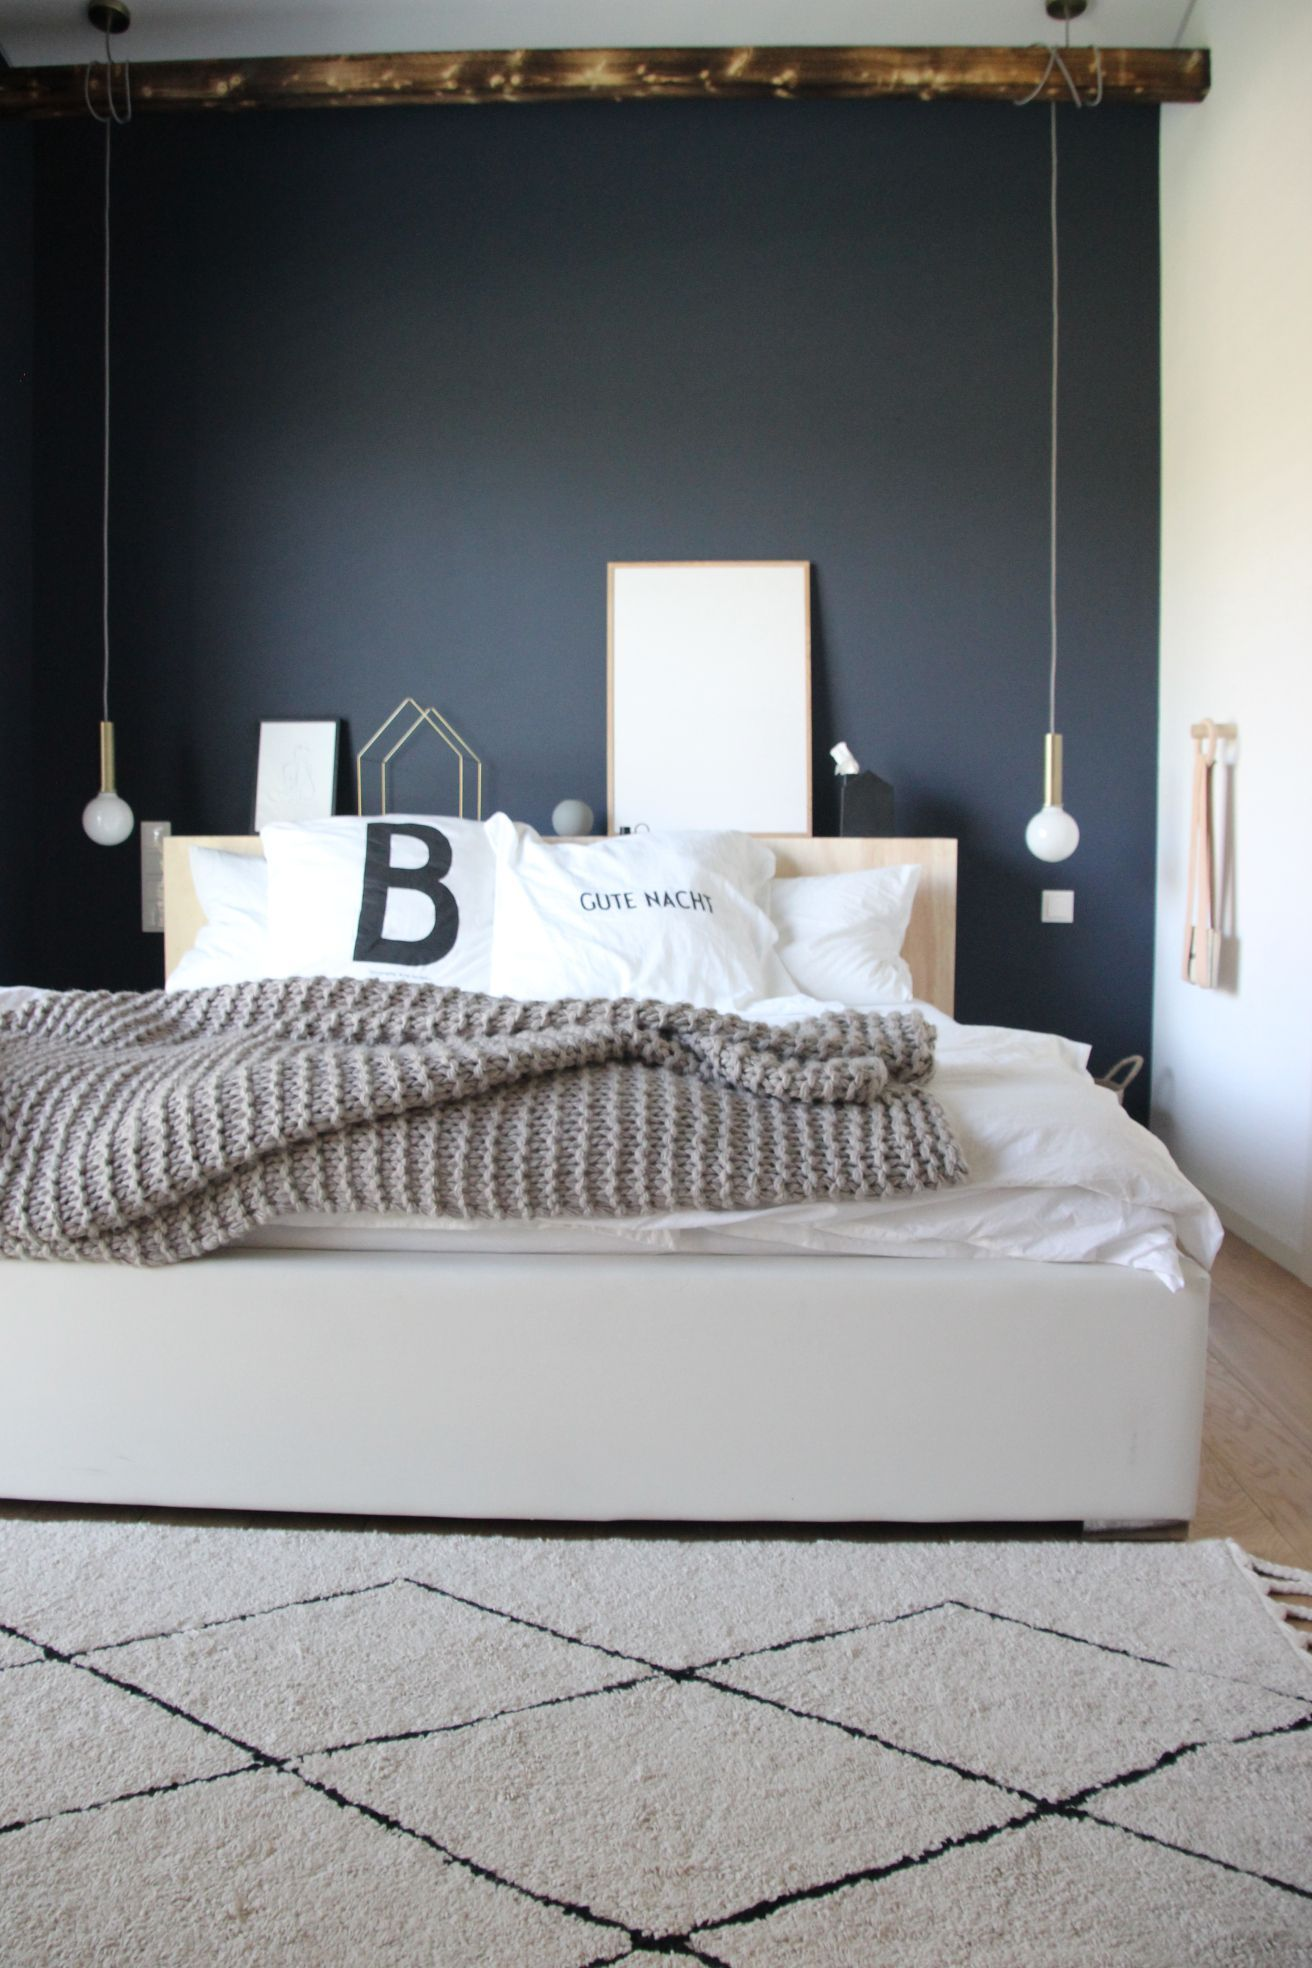 Schlafzimmer Makeover Architects Finest Schoner Wohnen Farbe Schlafzimmer Makeover Arc In 2020 Schoner Wohnen Schlafzimmer Schoner Wohnen Farbe Wandfarbe Schlafzimmer